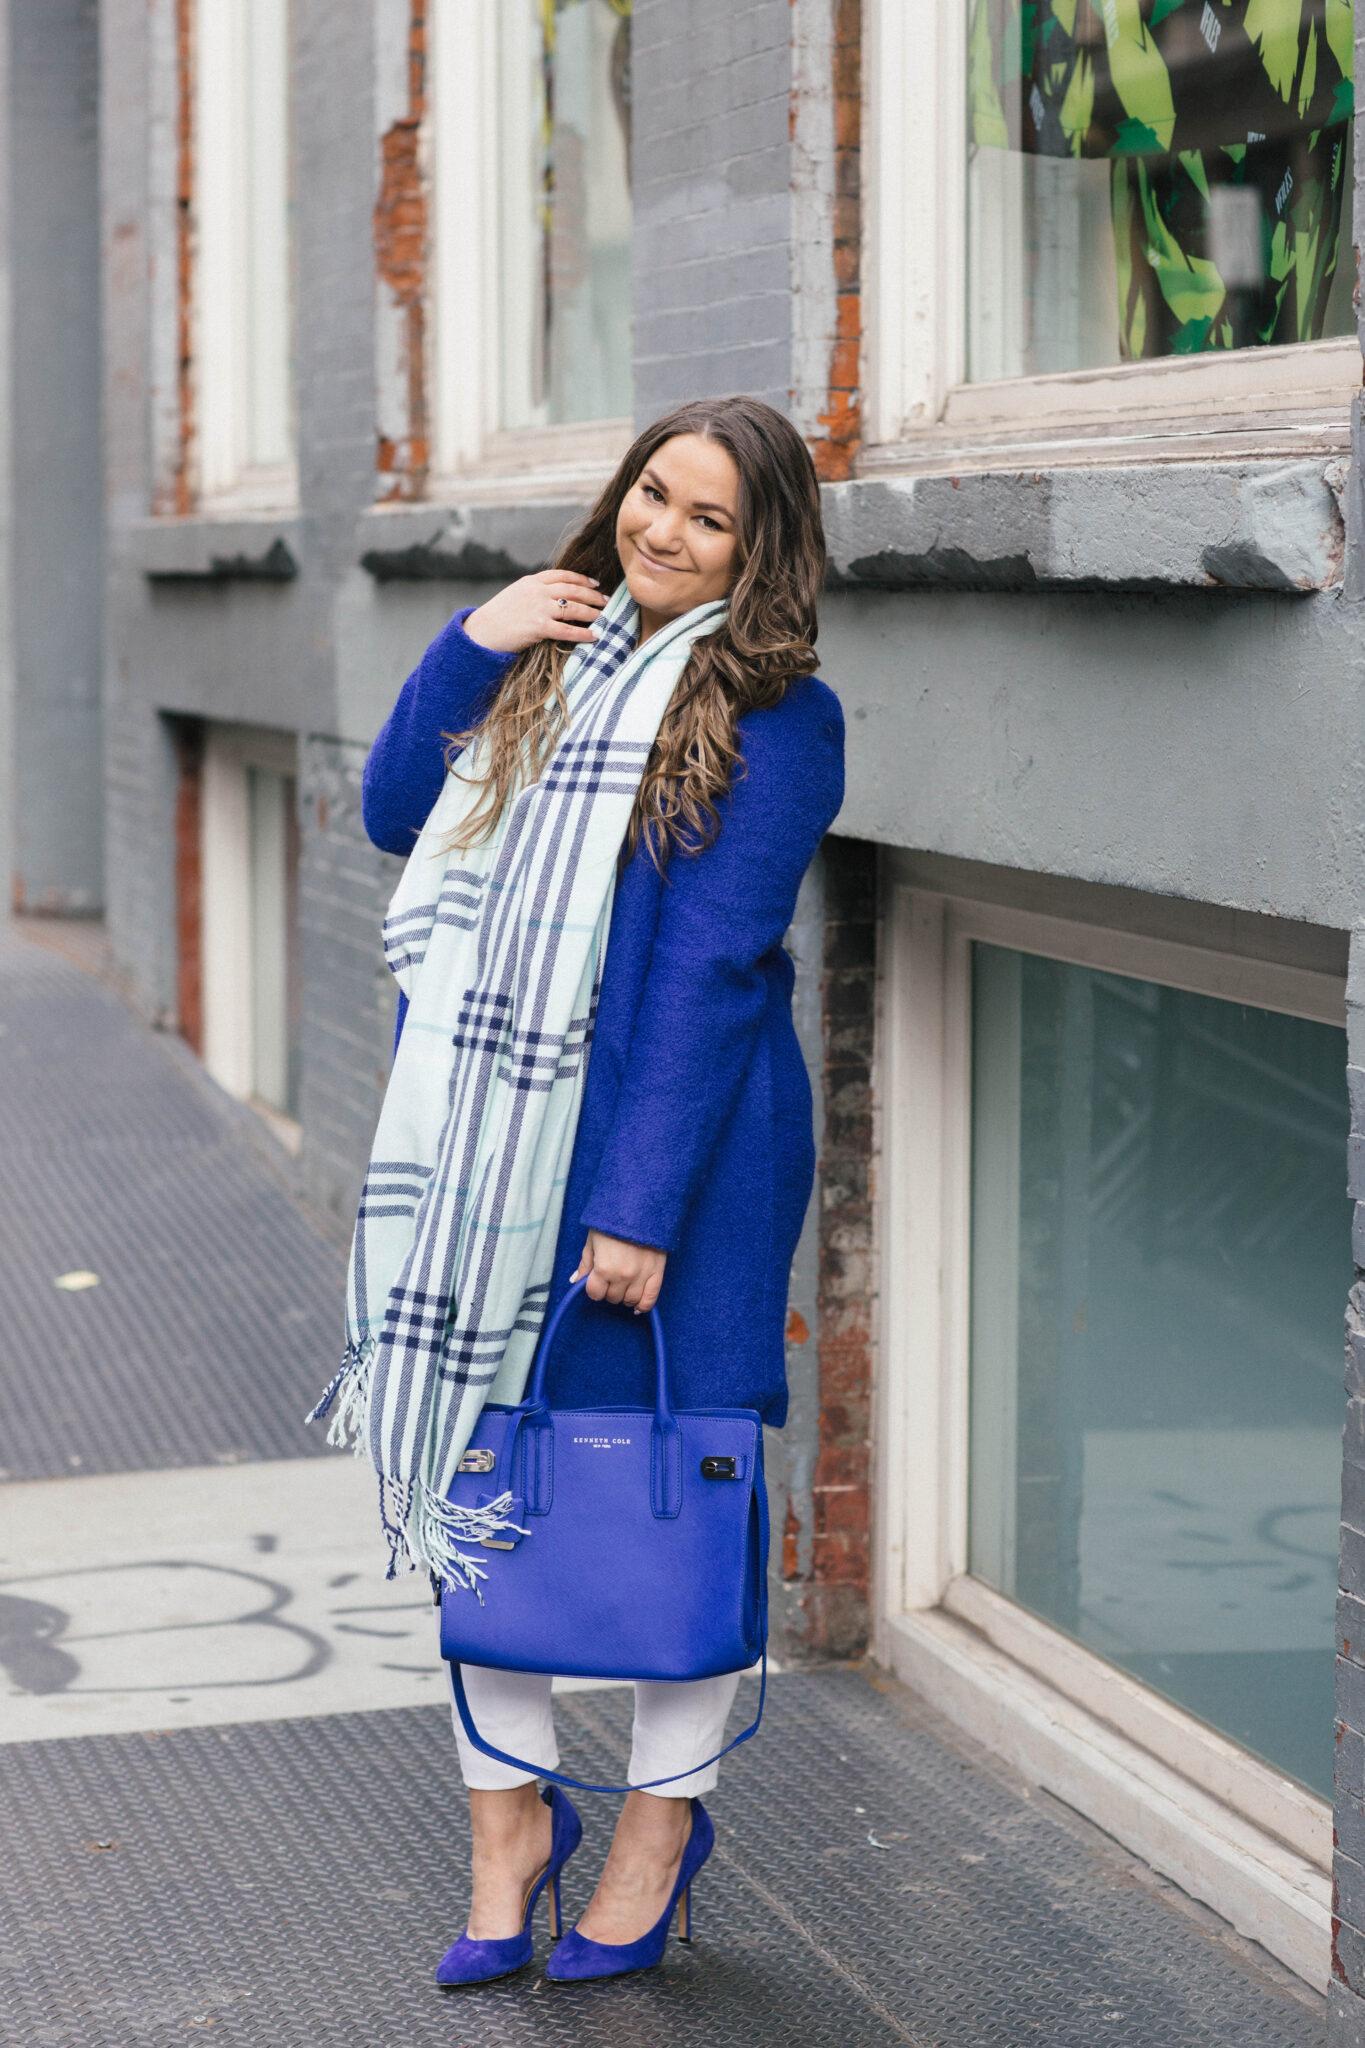 missyonmadison, melissa tierney, fashion blog, fashion blogger, missyonmadison instagram, style blogger, style blog, la blogger, blue coat, cobalt blue coat, cobalt blue pumps, blue pumps, white skinny jeans, white distressed skinny jeans, beauty blogger, nyc blogger, new york city blogger, nyc blogger, white chiffon blouse,